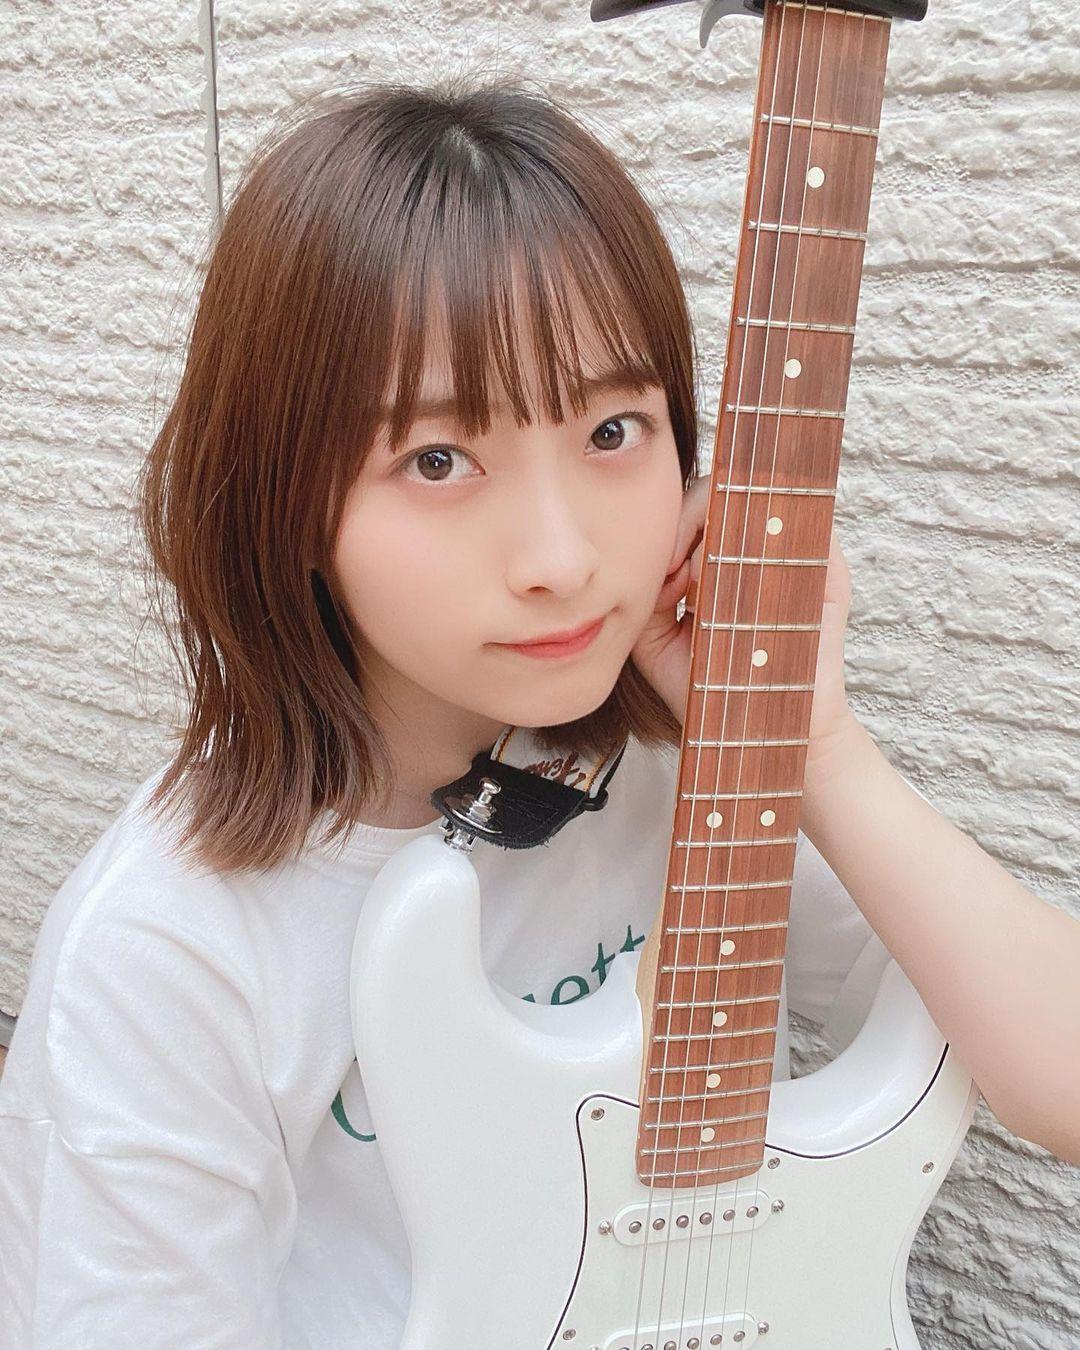 正妹吉他手「清原梨央」空灵气质宛如仙女下凡甜而不腻「温柔笑容」更是让人秒融化